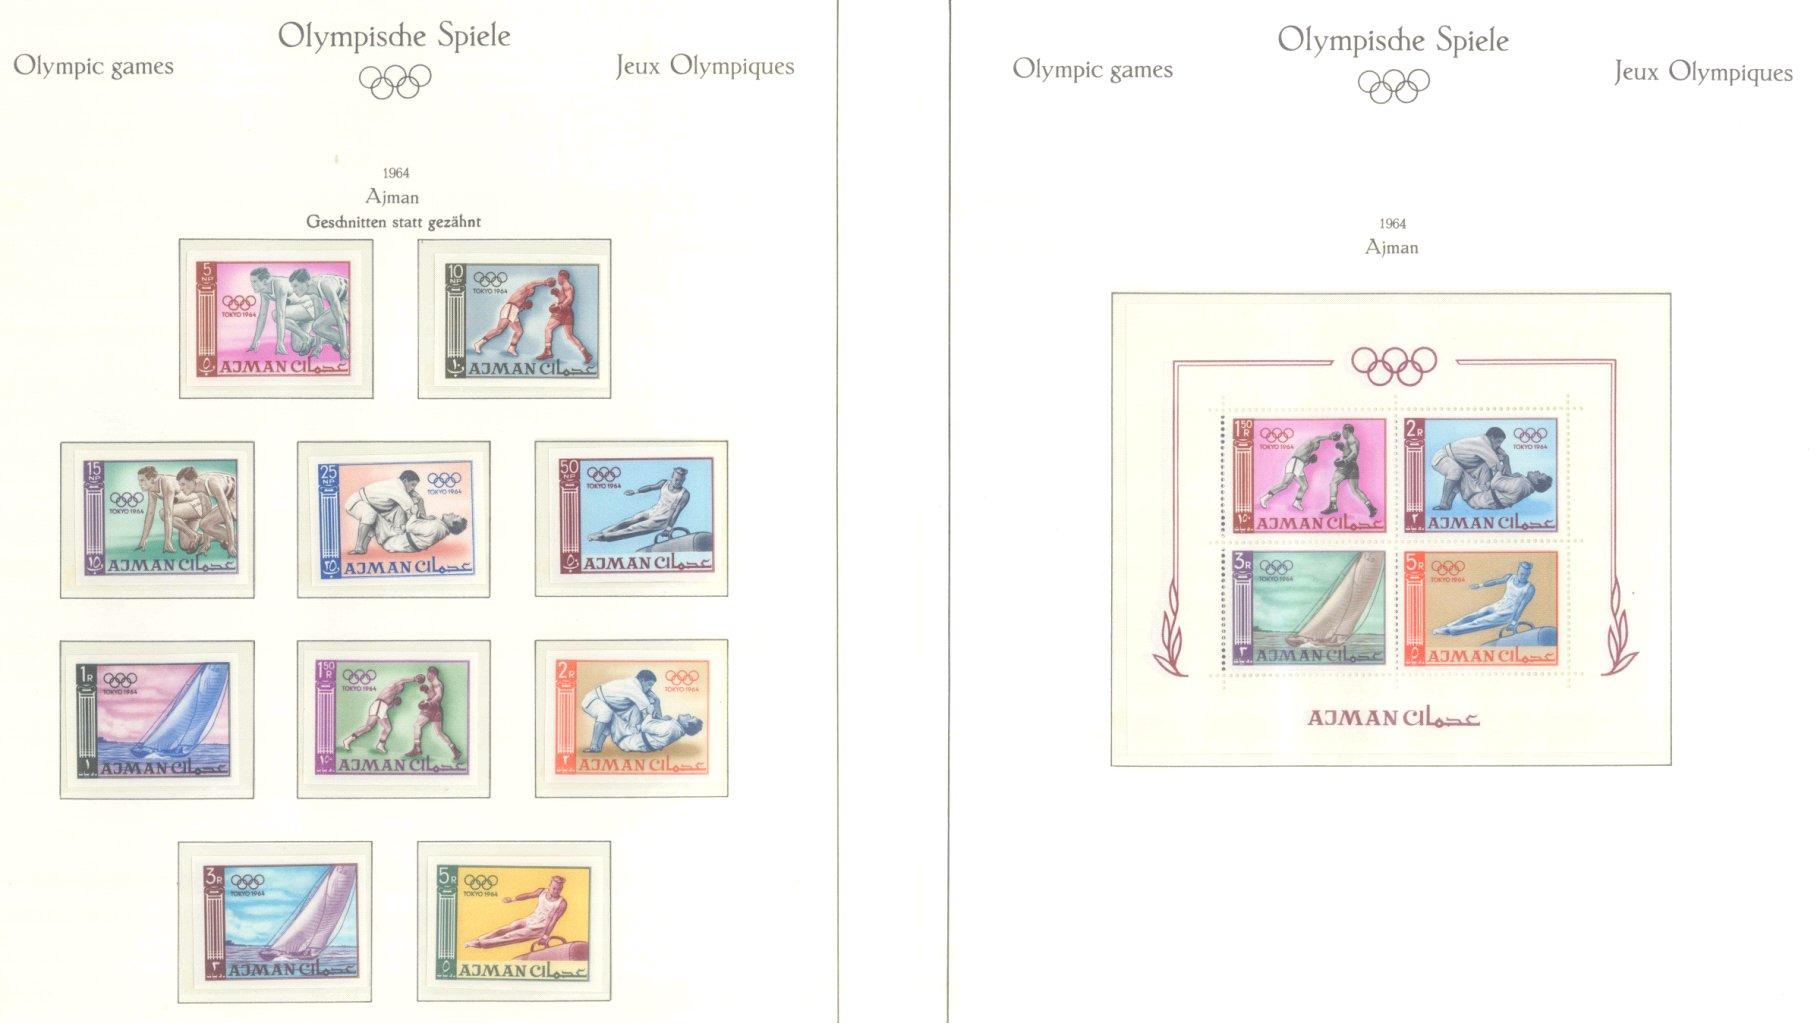 OLYMPISCHE SPIELE 1964 TOKIO, postfrische Sammlung Teil 1-58